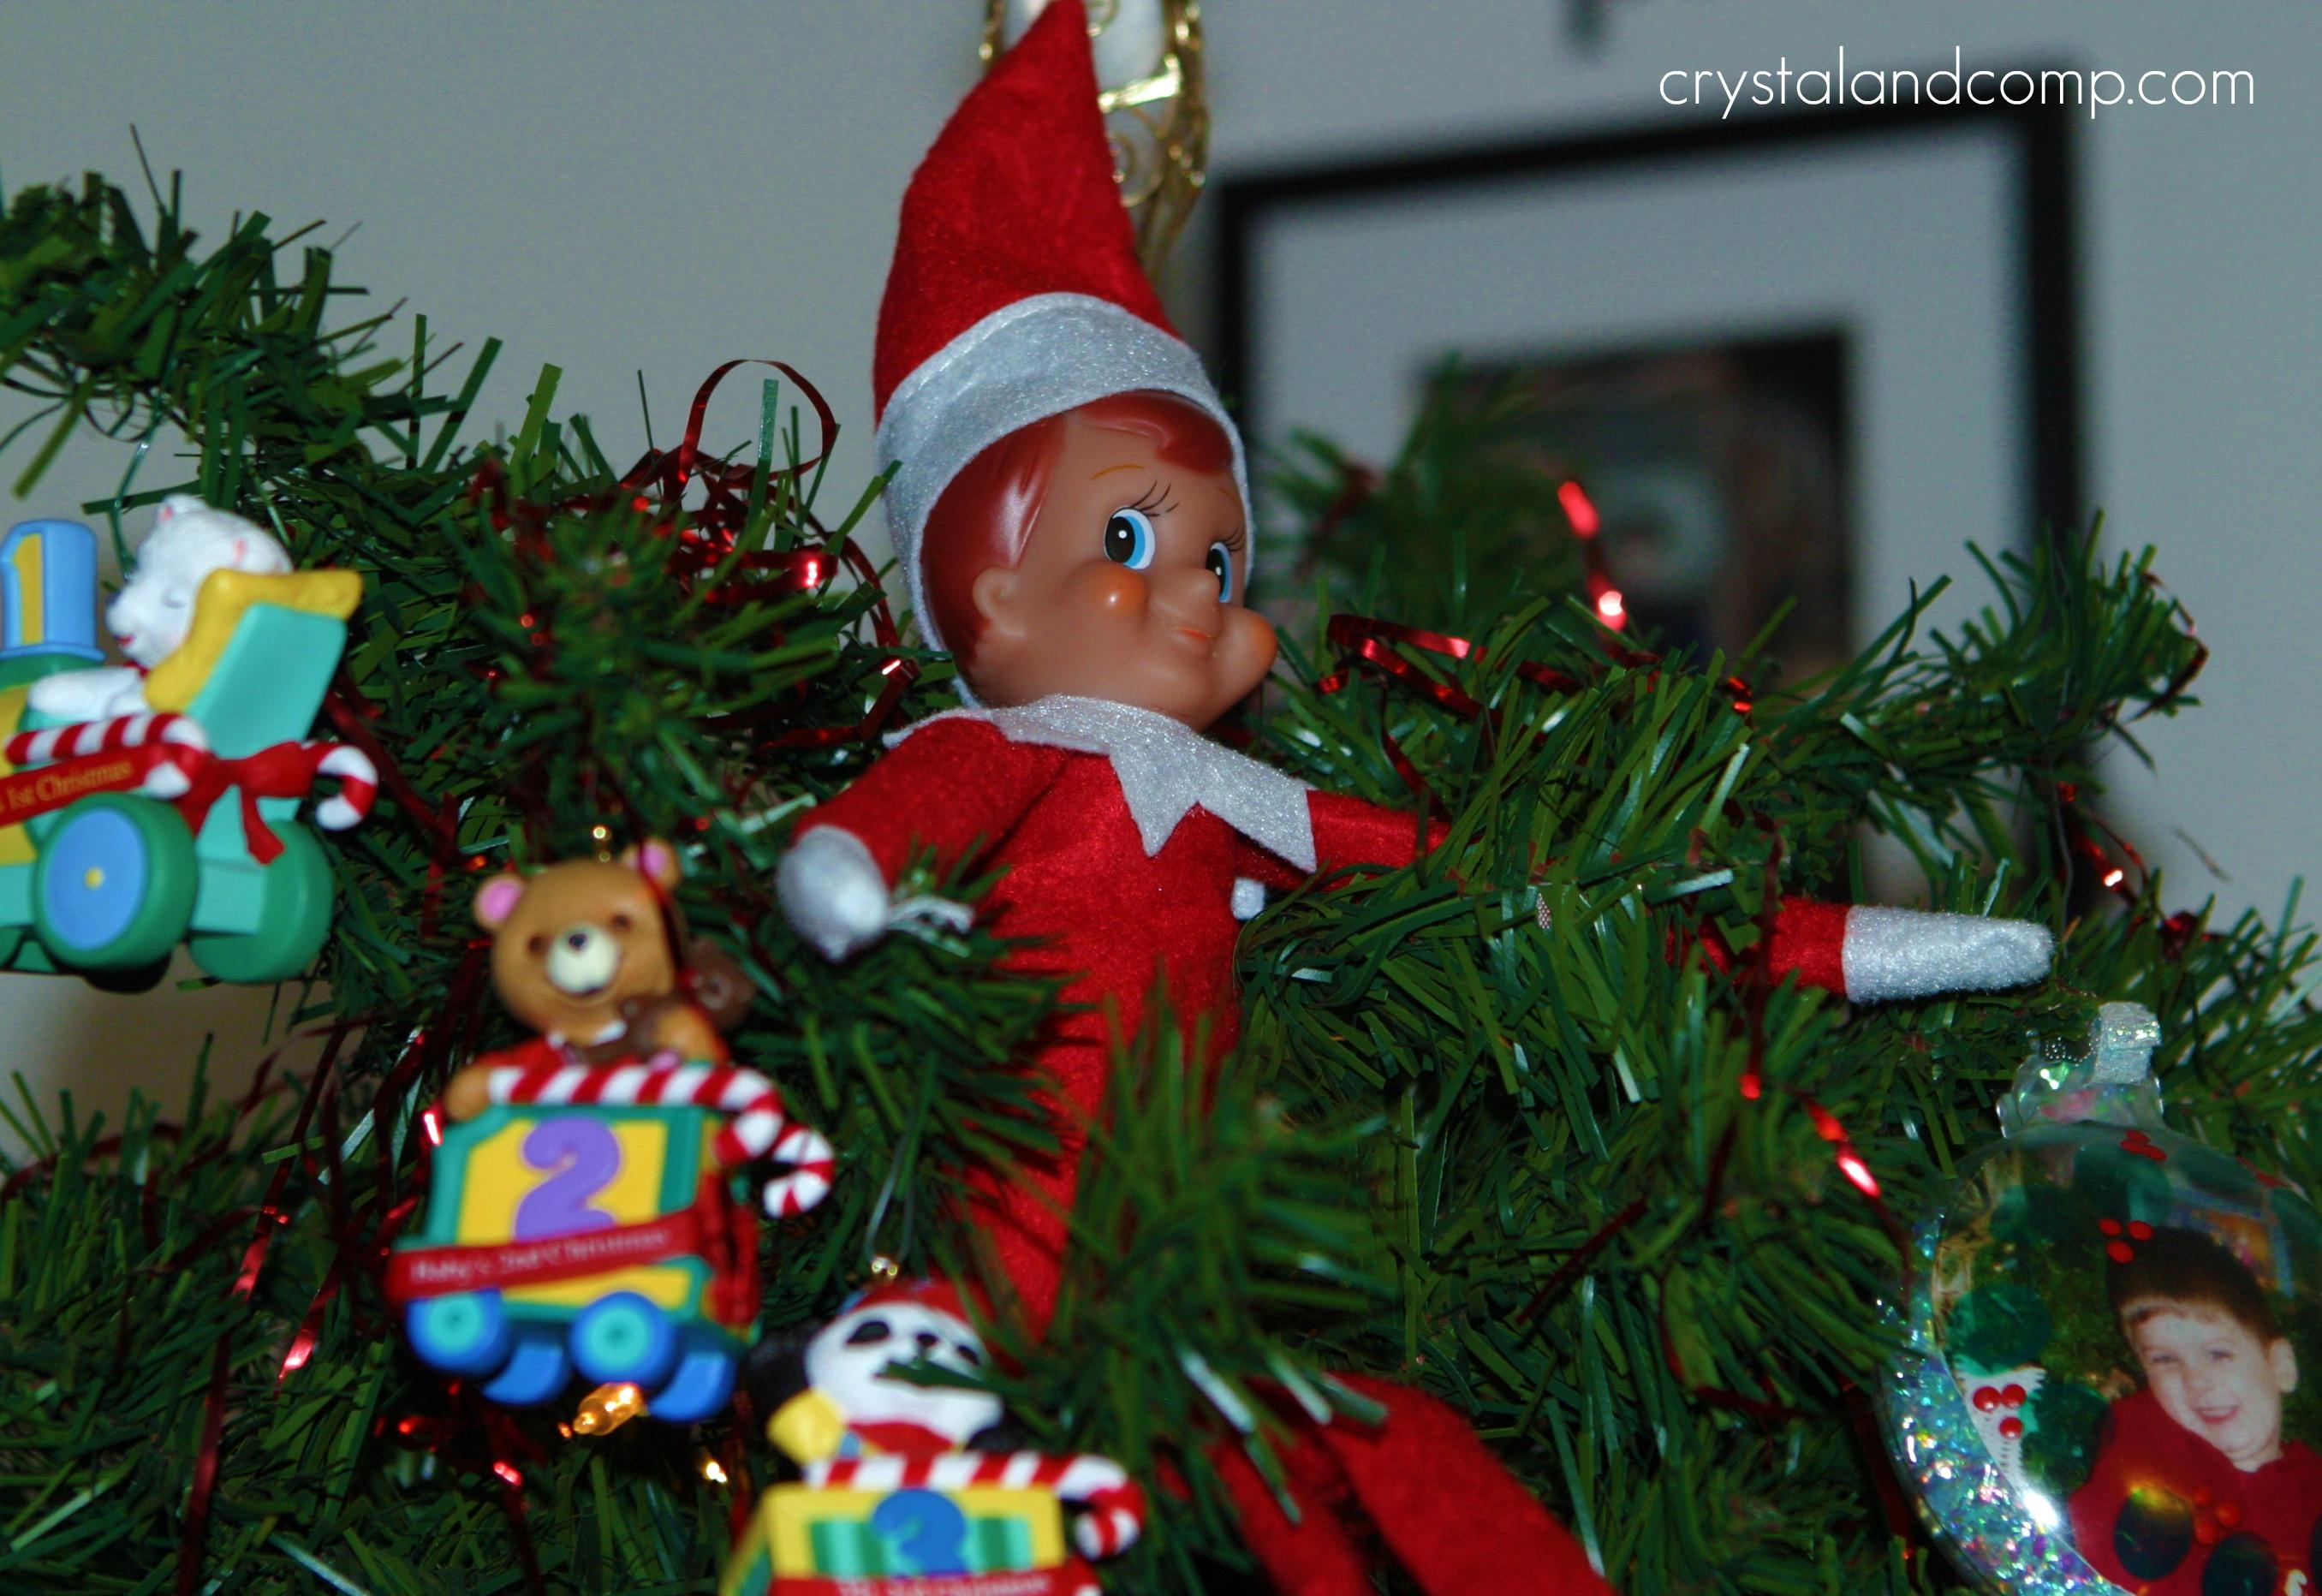 A Busy Little Elf   CrystalandComp.com